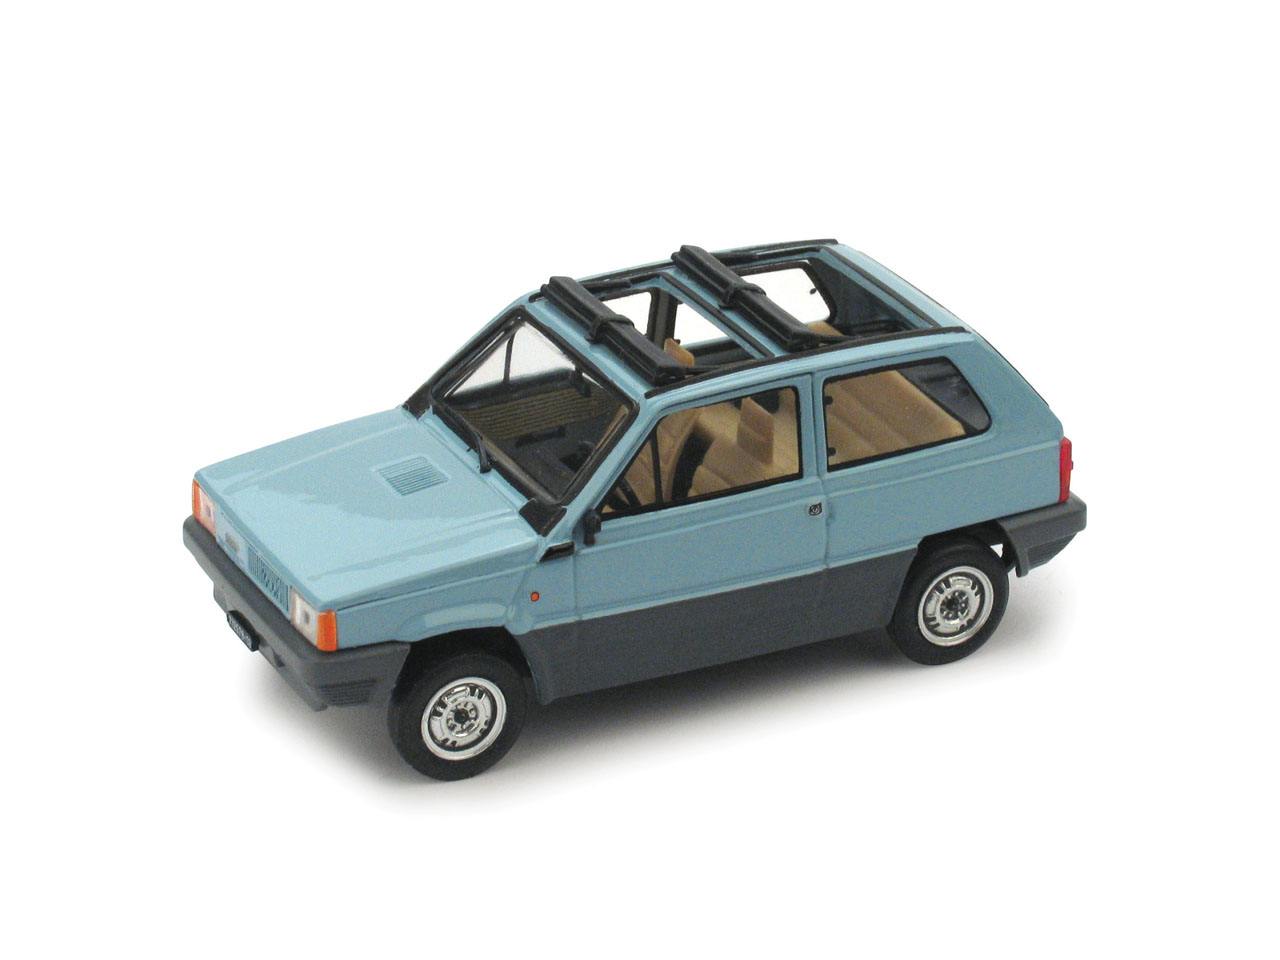 Fiat Panda 45 Techo de lona abierto (1981) Brumm 1/43 Azul Bahía